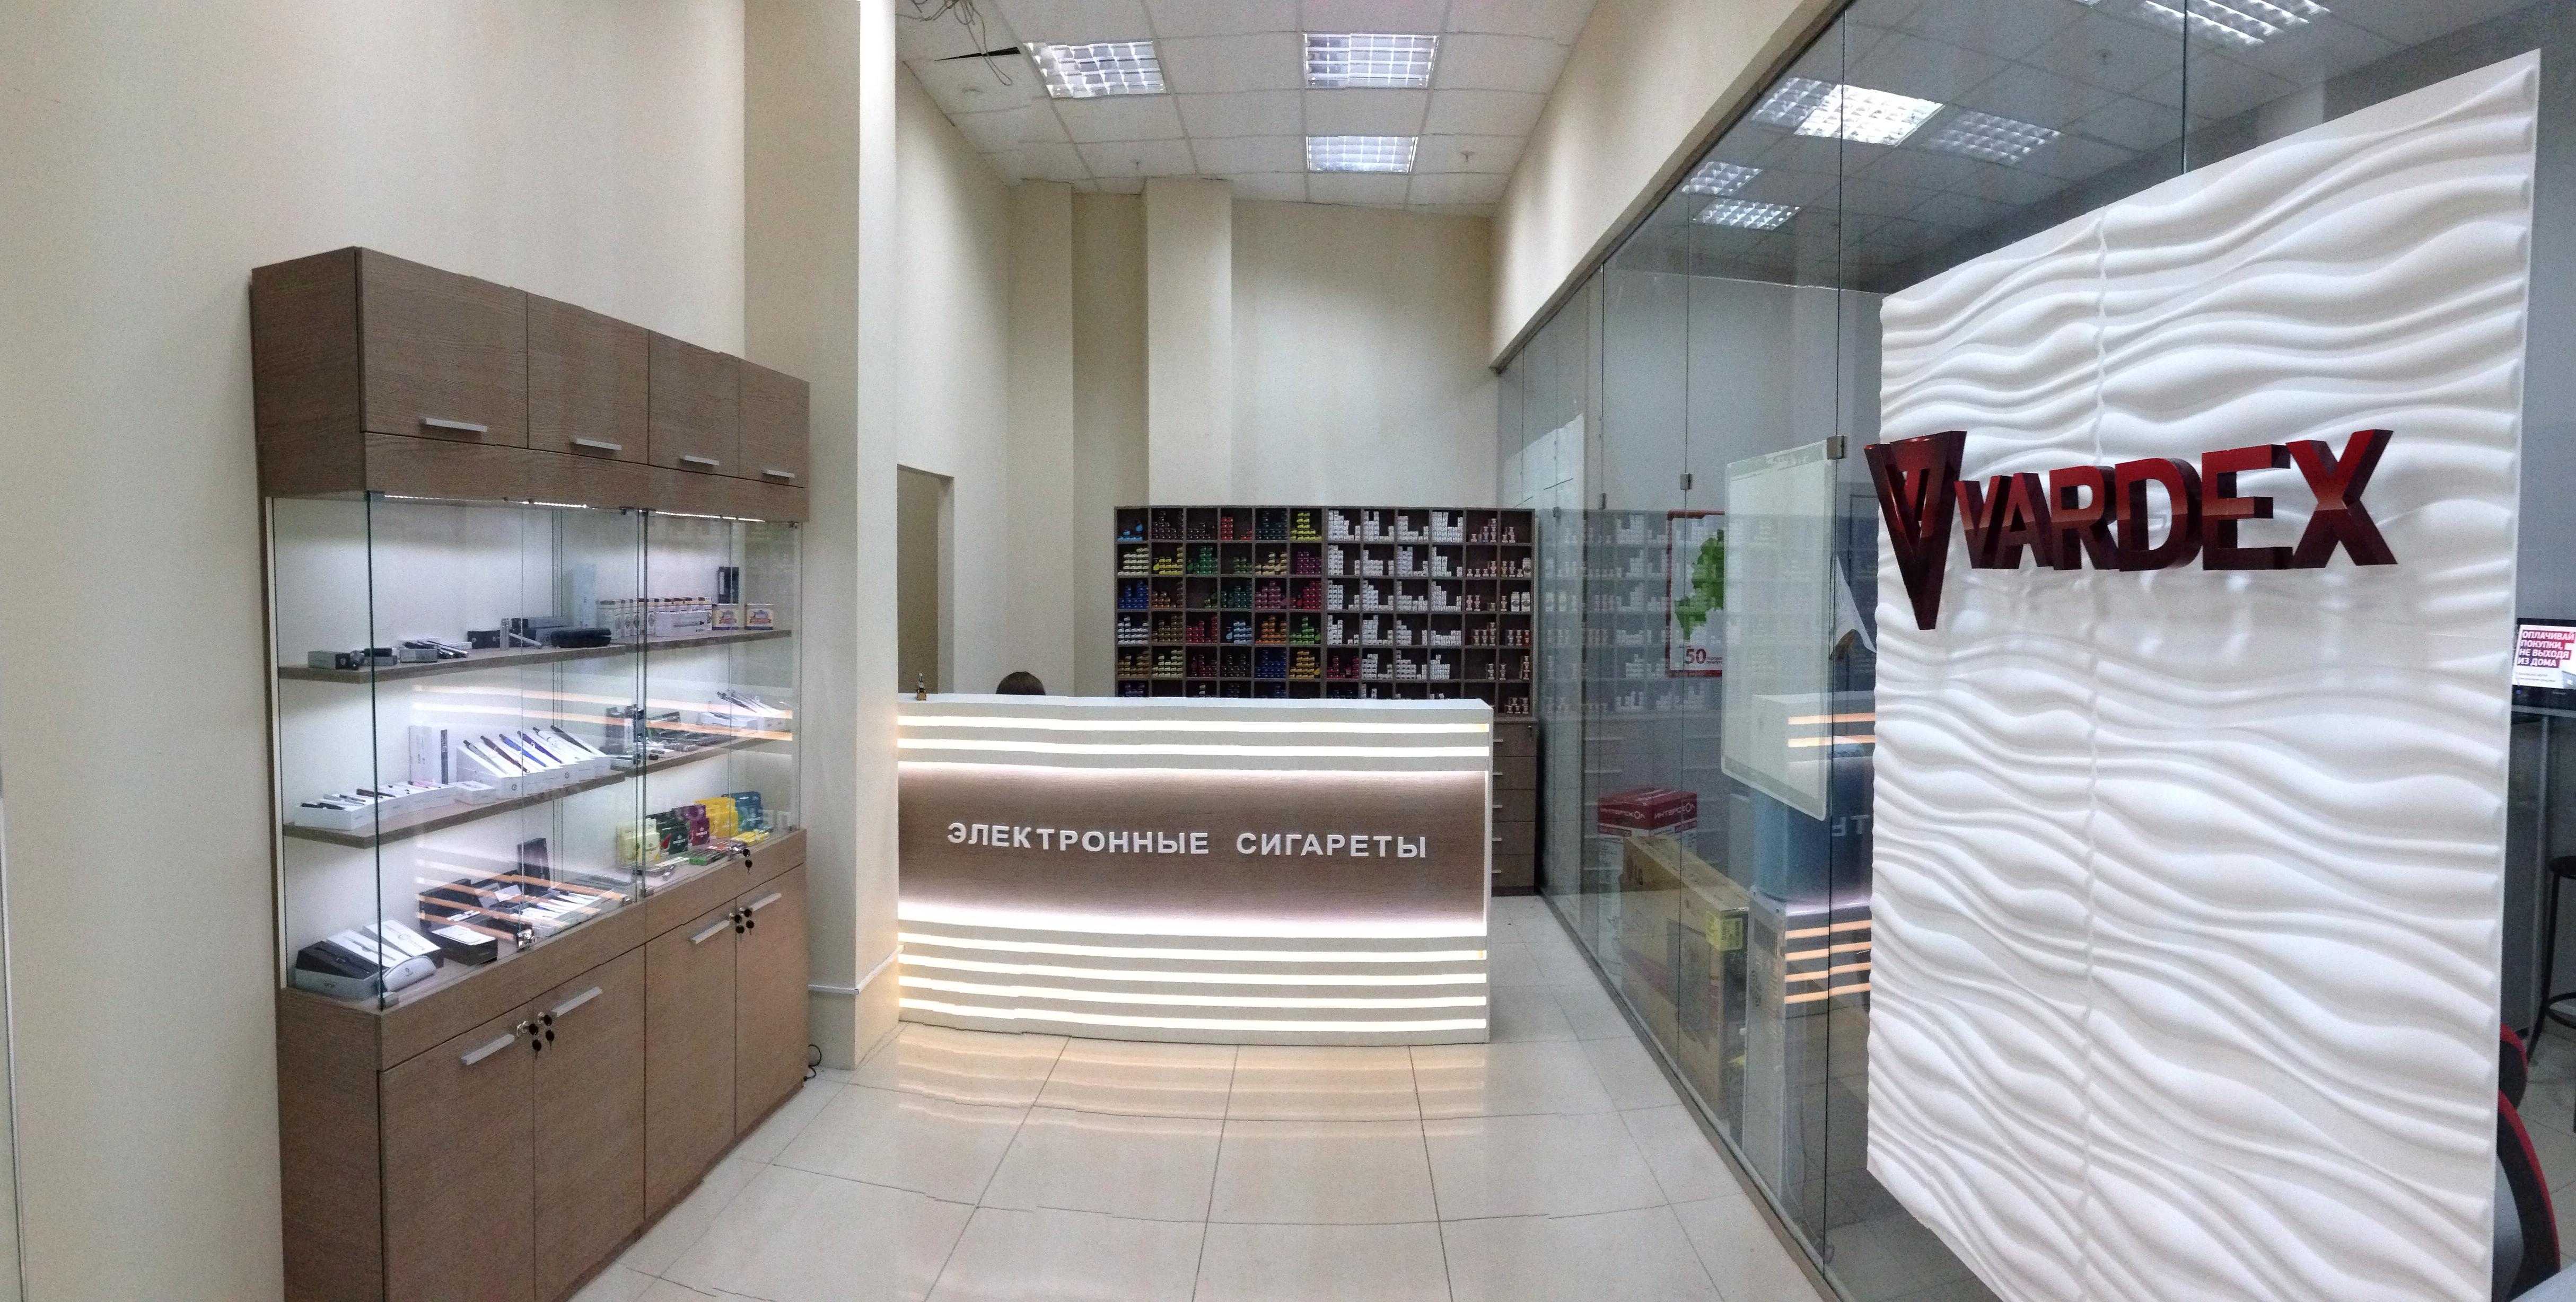 Открыли первый магазин, в Печерах...